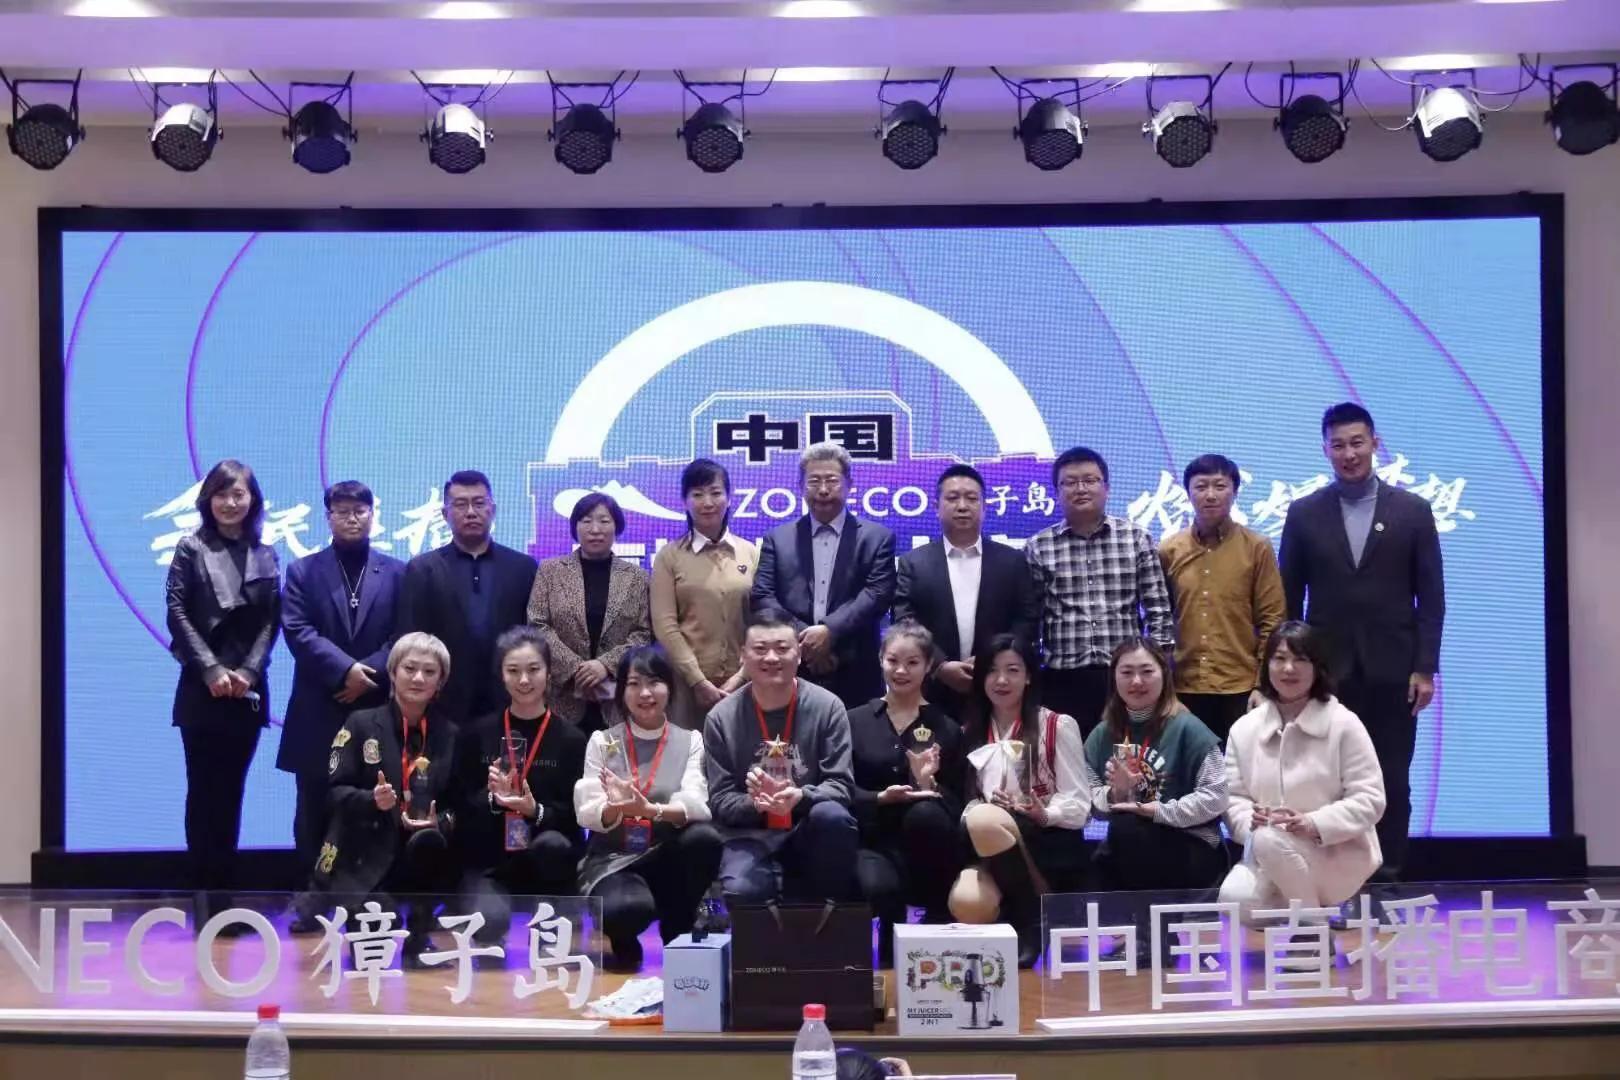 獐子岛·中国首届直播电商大赛(大连赛区)决赛圆满收官